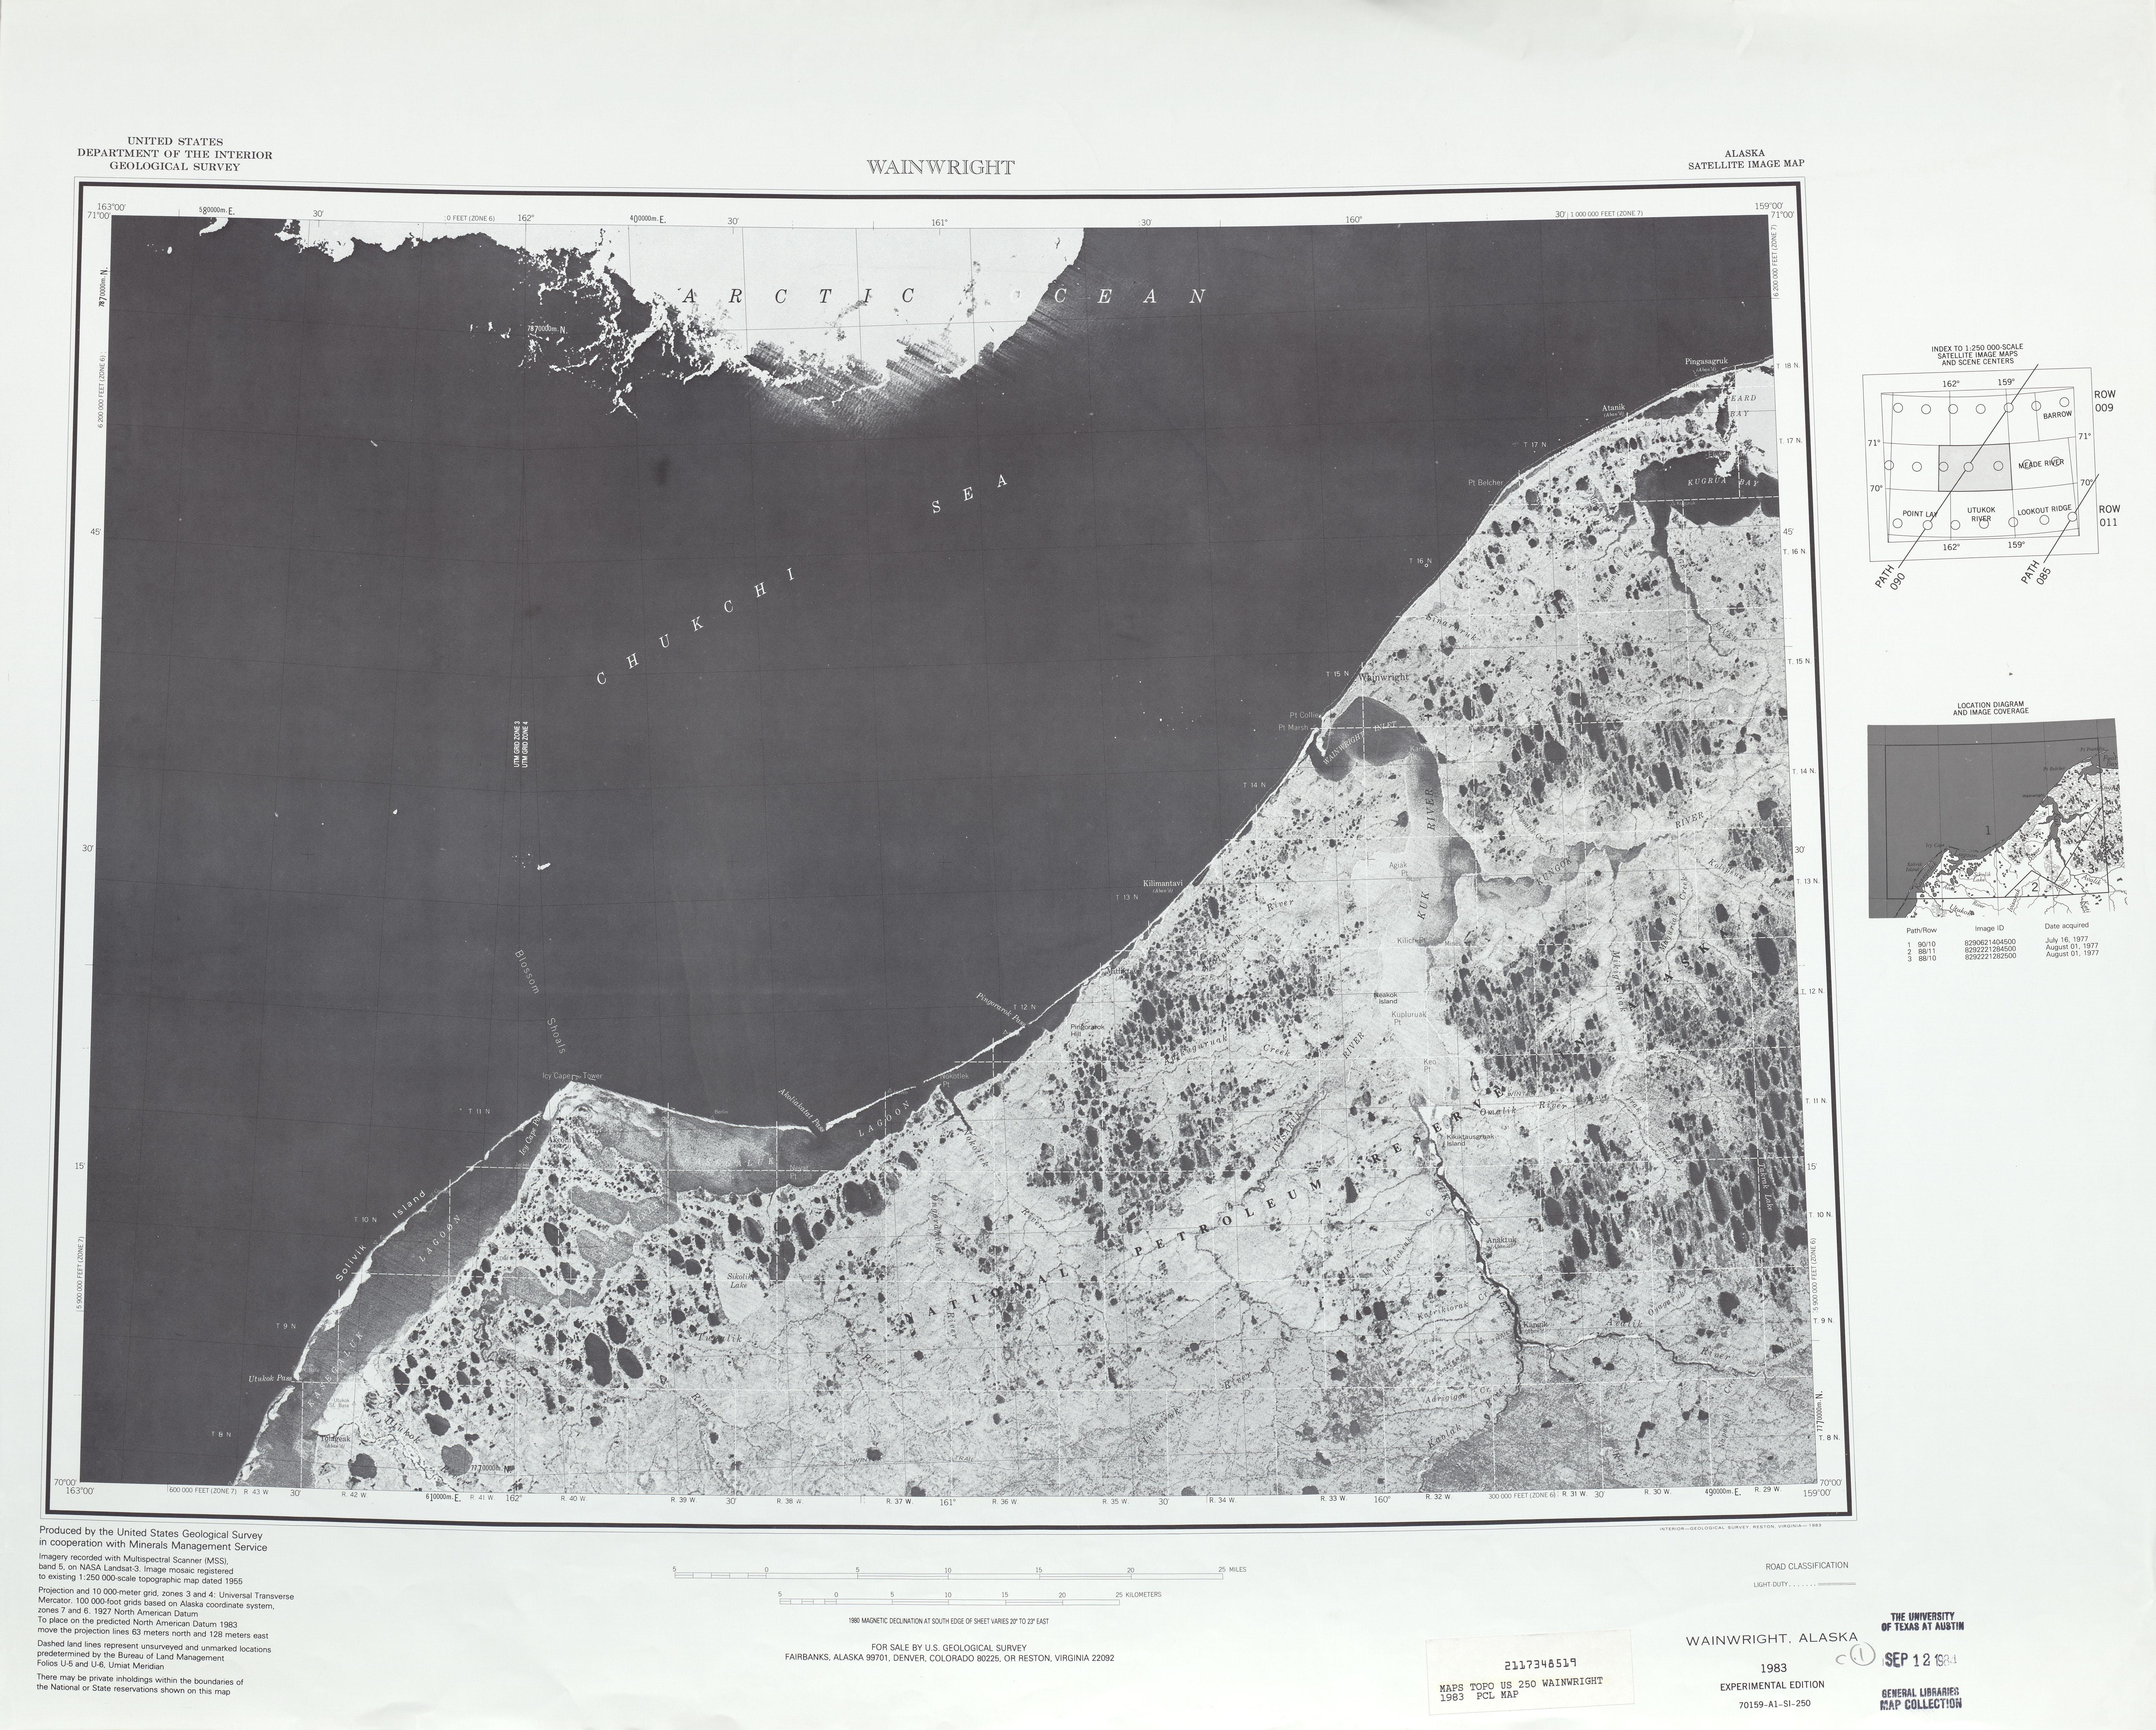 Hoja Wainwright de la Imagen Satelital de los Estados Unidos 1983